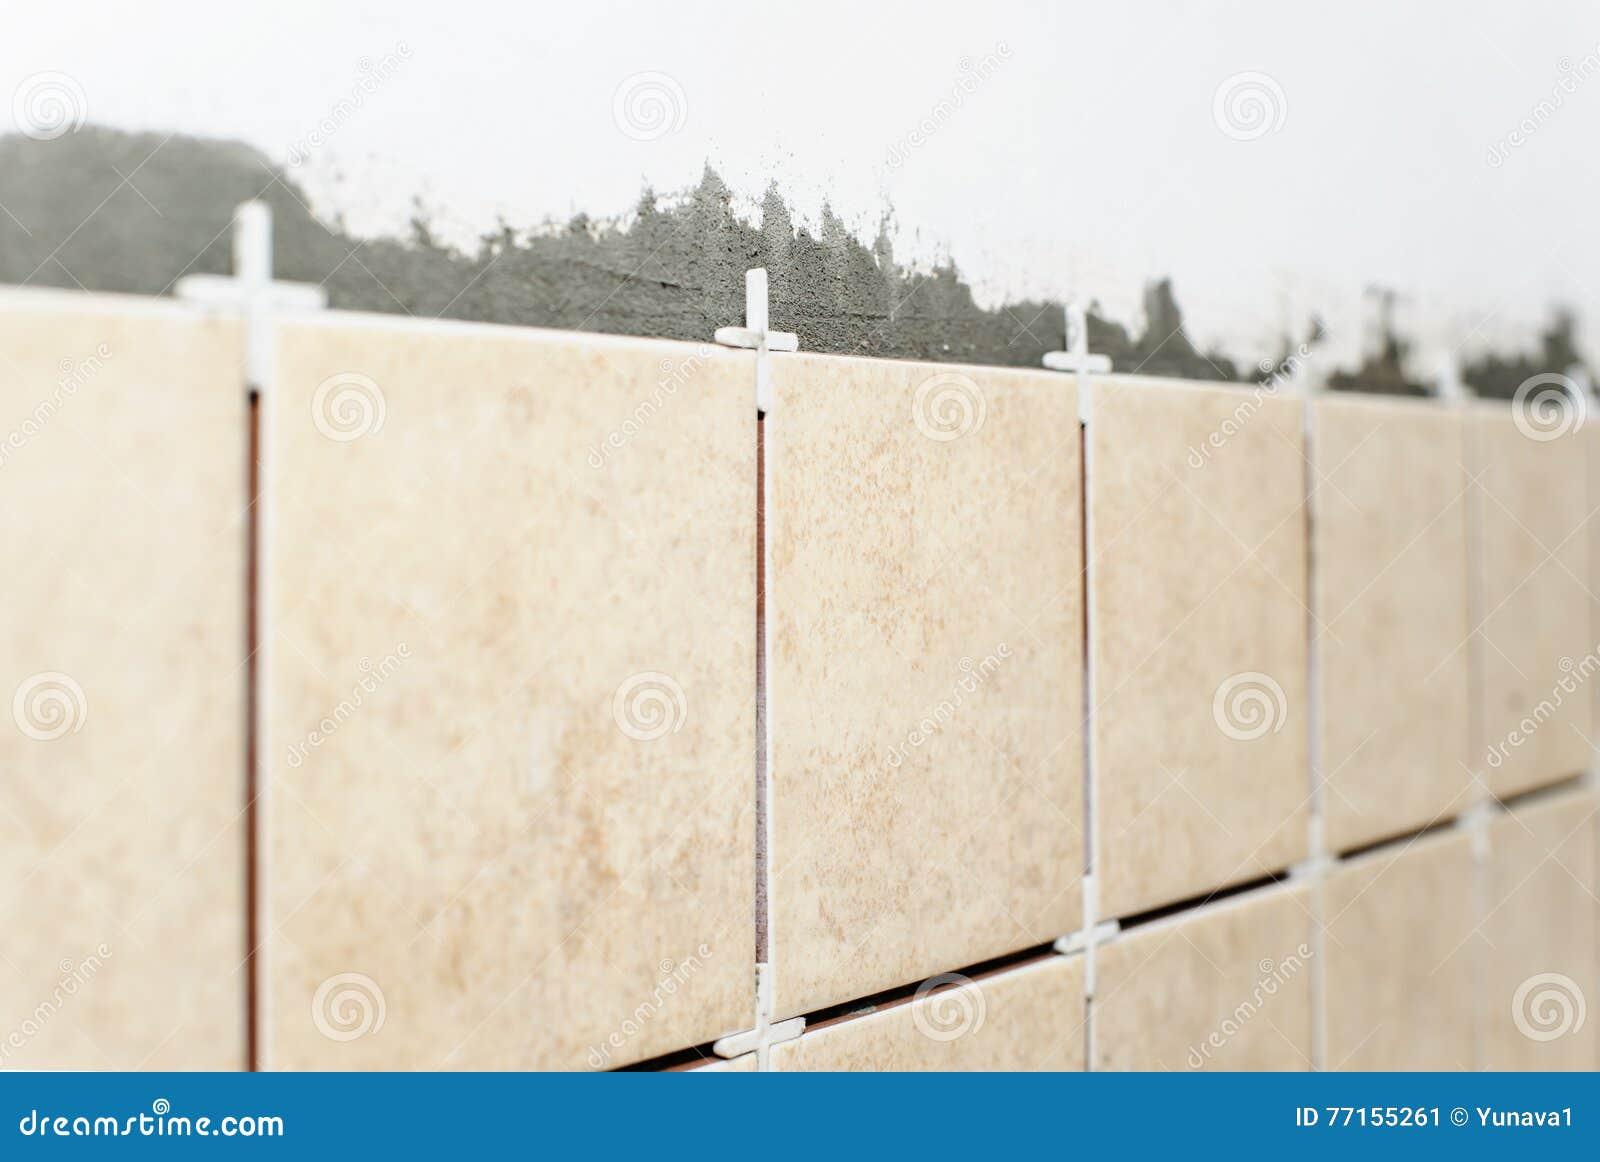 Carreaux de céramique sur le mur